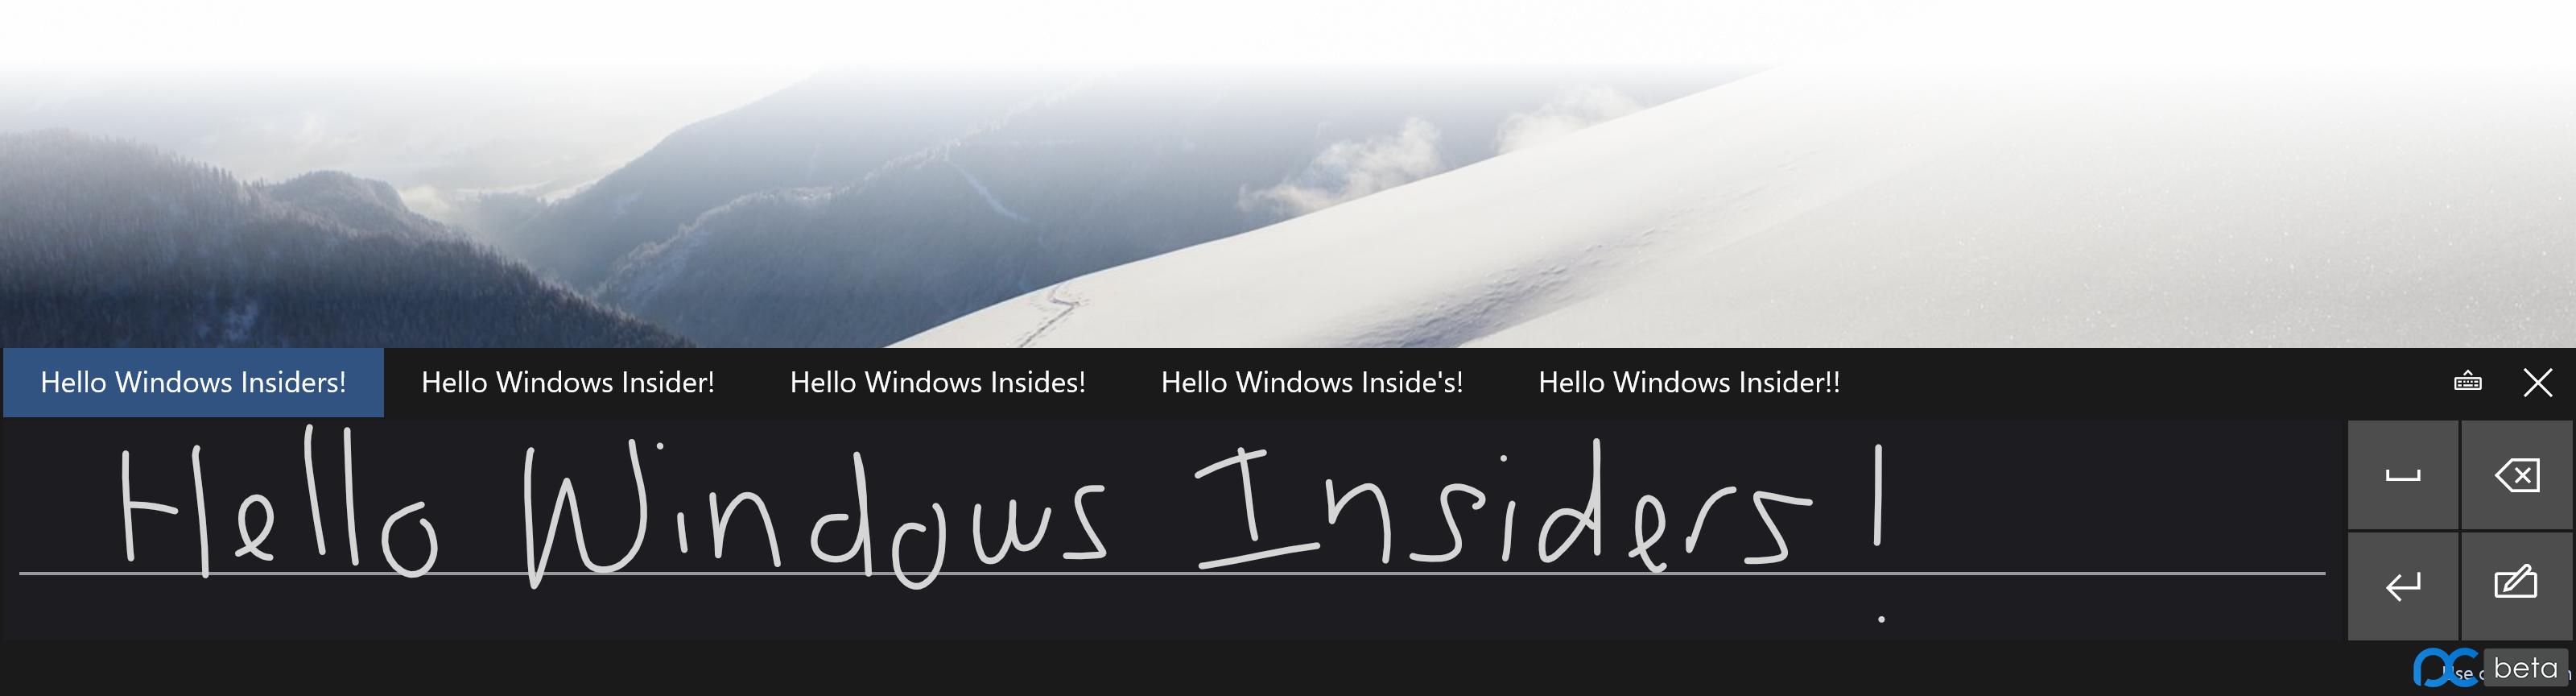 windows-10-10041-handwriting-100574235-orig.png